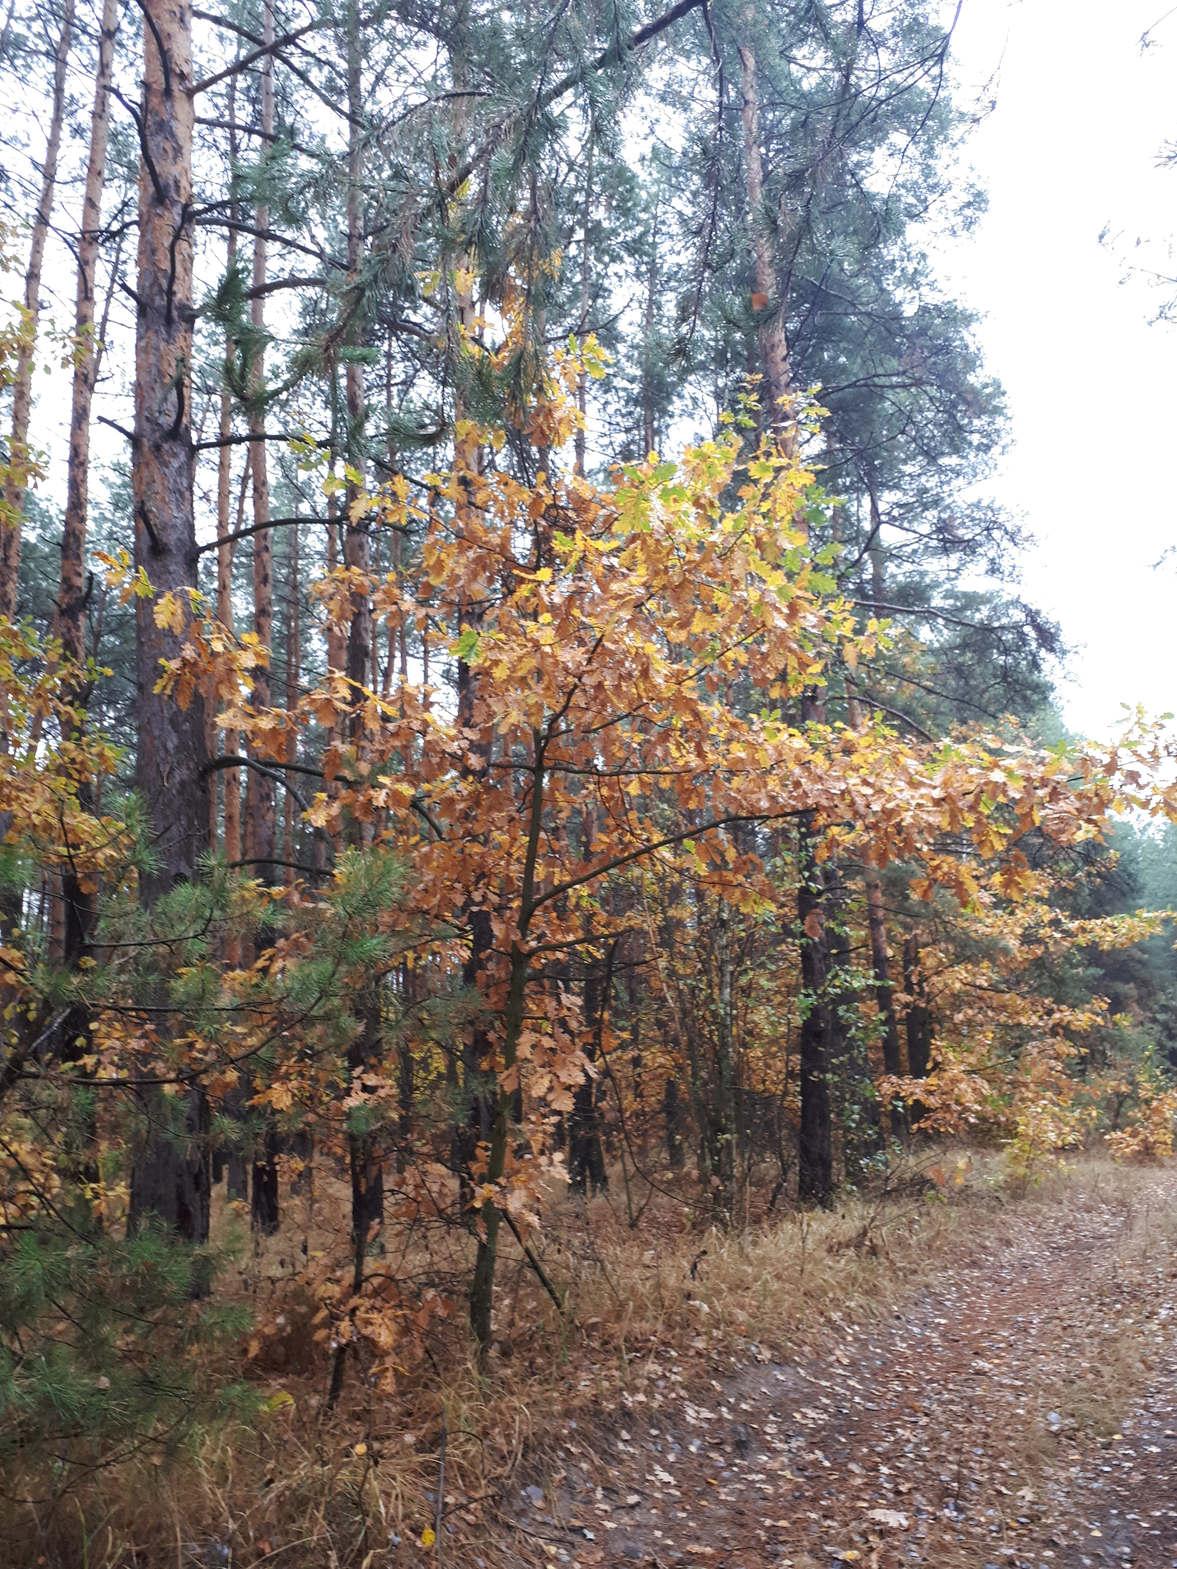 <p>Осенний лес красив, словно в сказке. Природа буйствует яркими, весёлыми красками. В воздухе пахнет грибами и последними осенними цветами.</p><p>Вокруг невероятная красота. Так и хочется наслаждаться этой тишиной и красотой.</p>